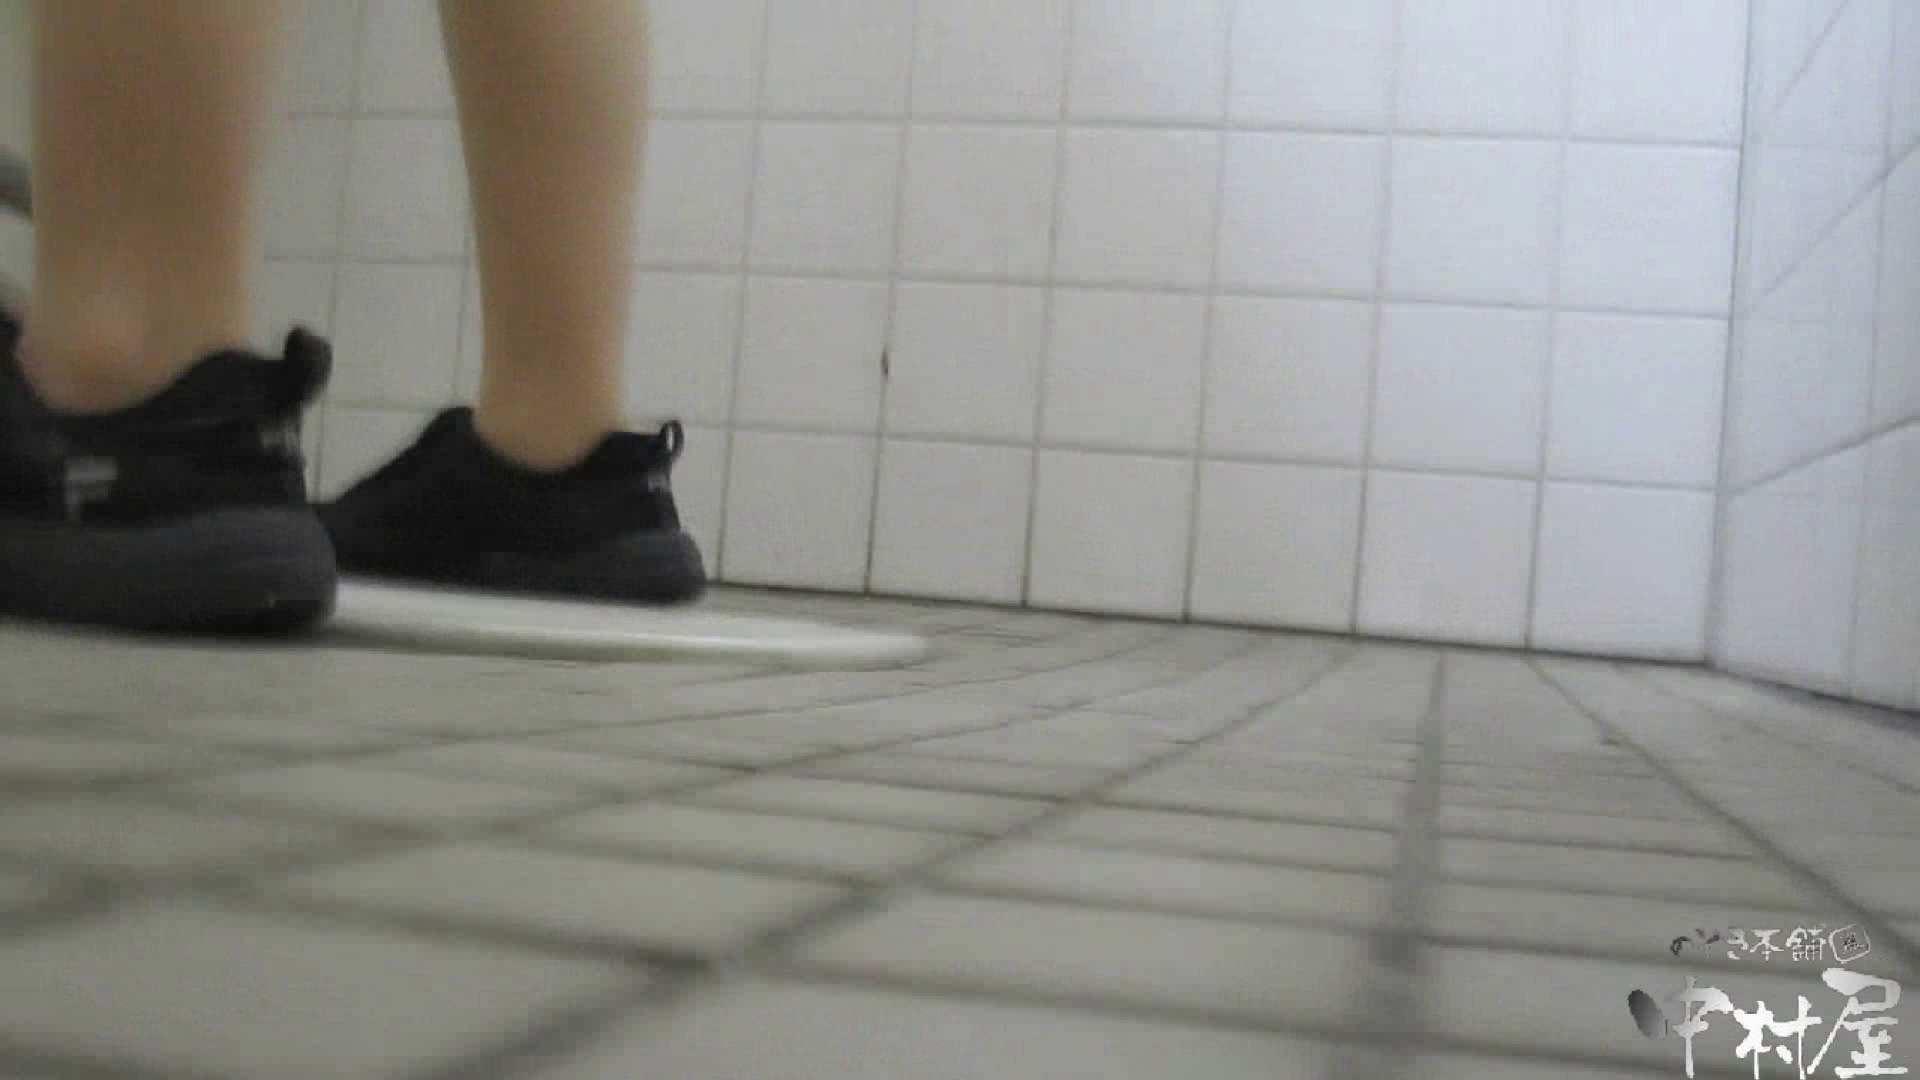 魂のかわや盗撮62連発! 運動靴の女! 37発目! 0  102pic 58